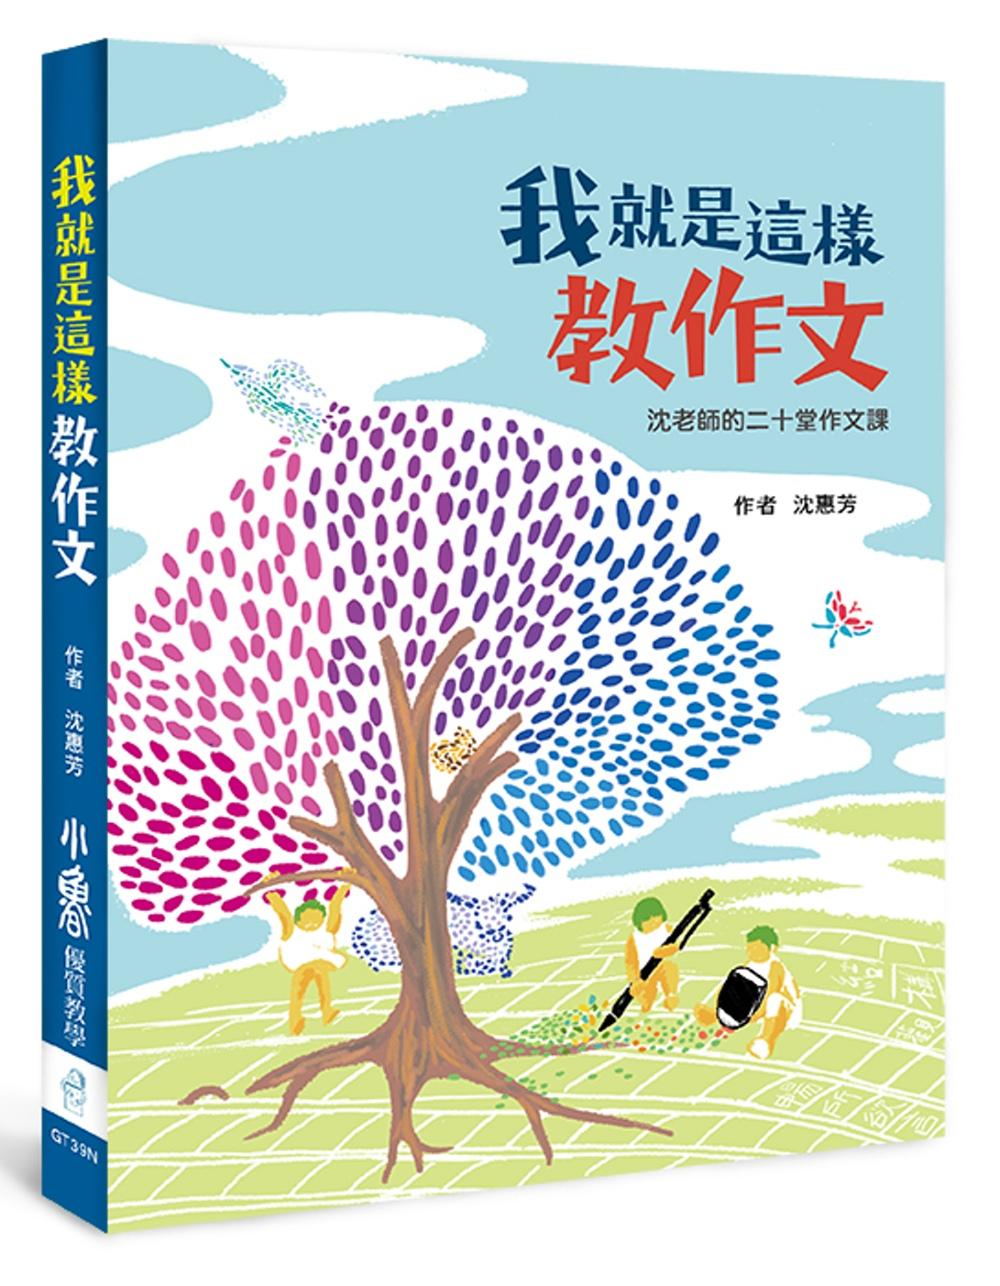 《我就是這樣教作文:沈老師的二十堂作文課(二版)》 商品條碼,ISBN:9789574904303